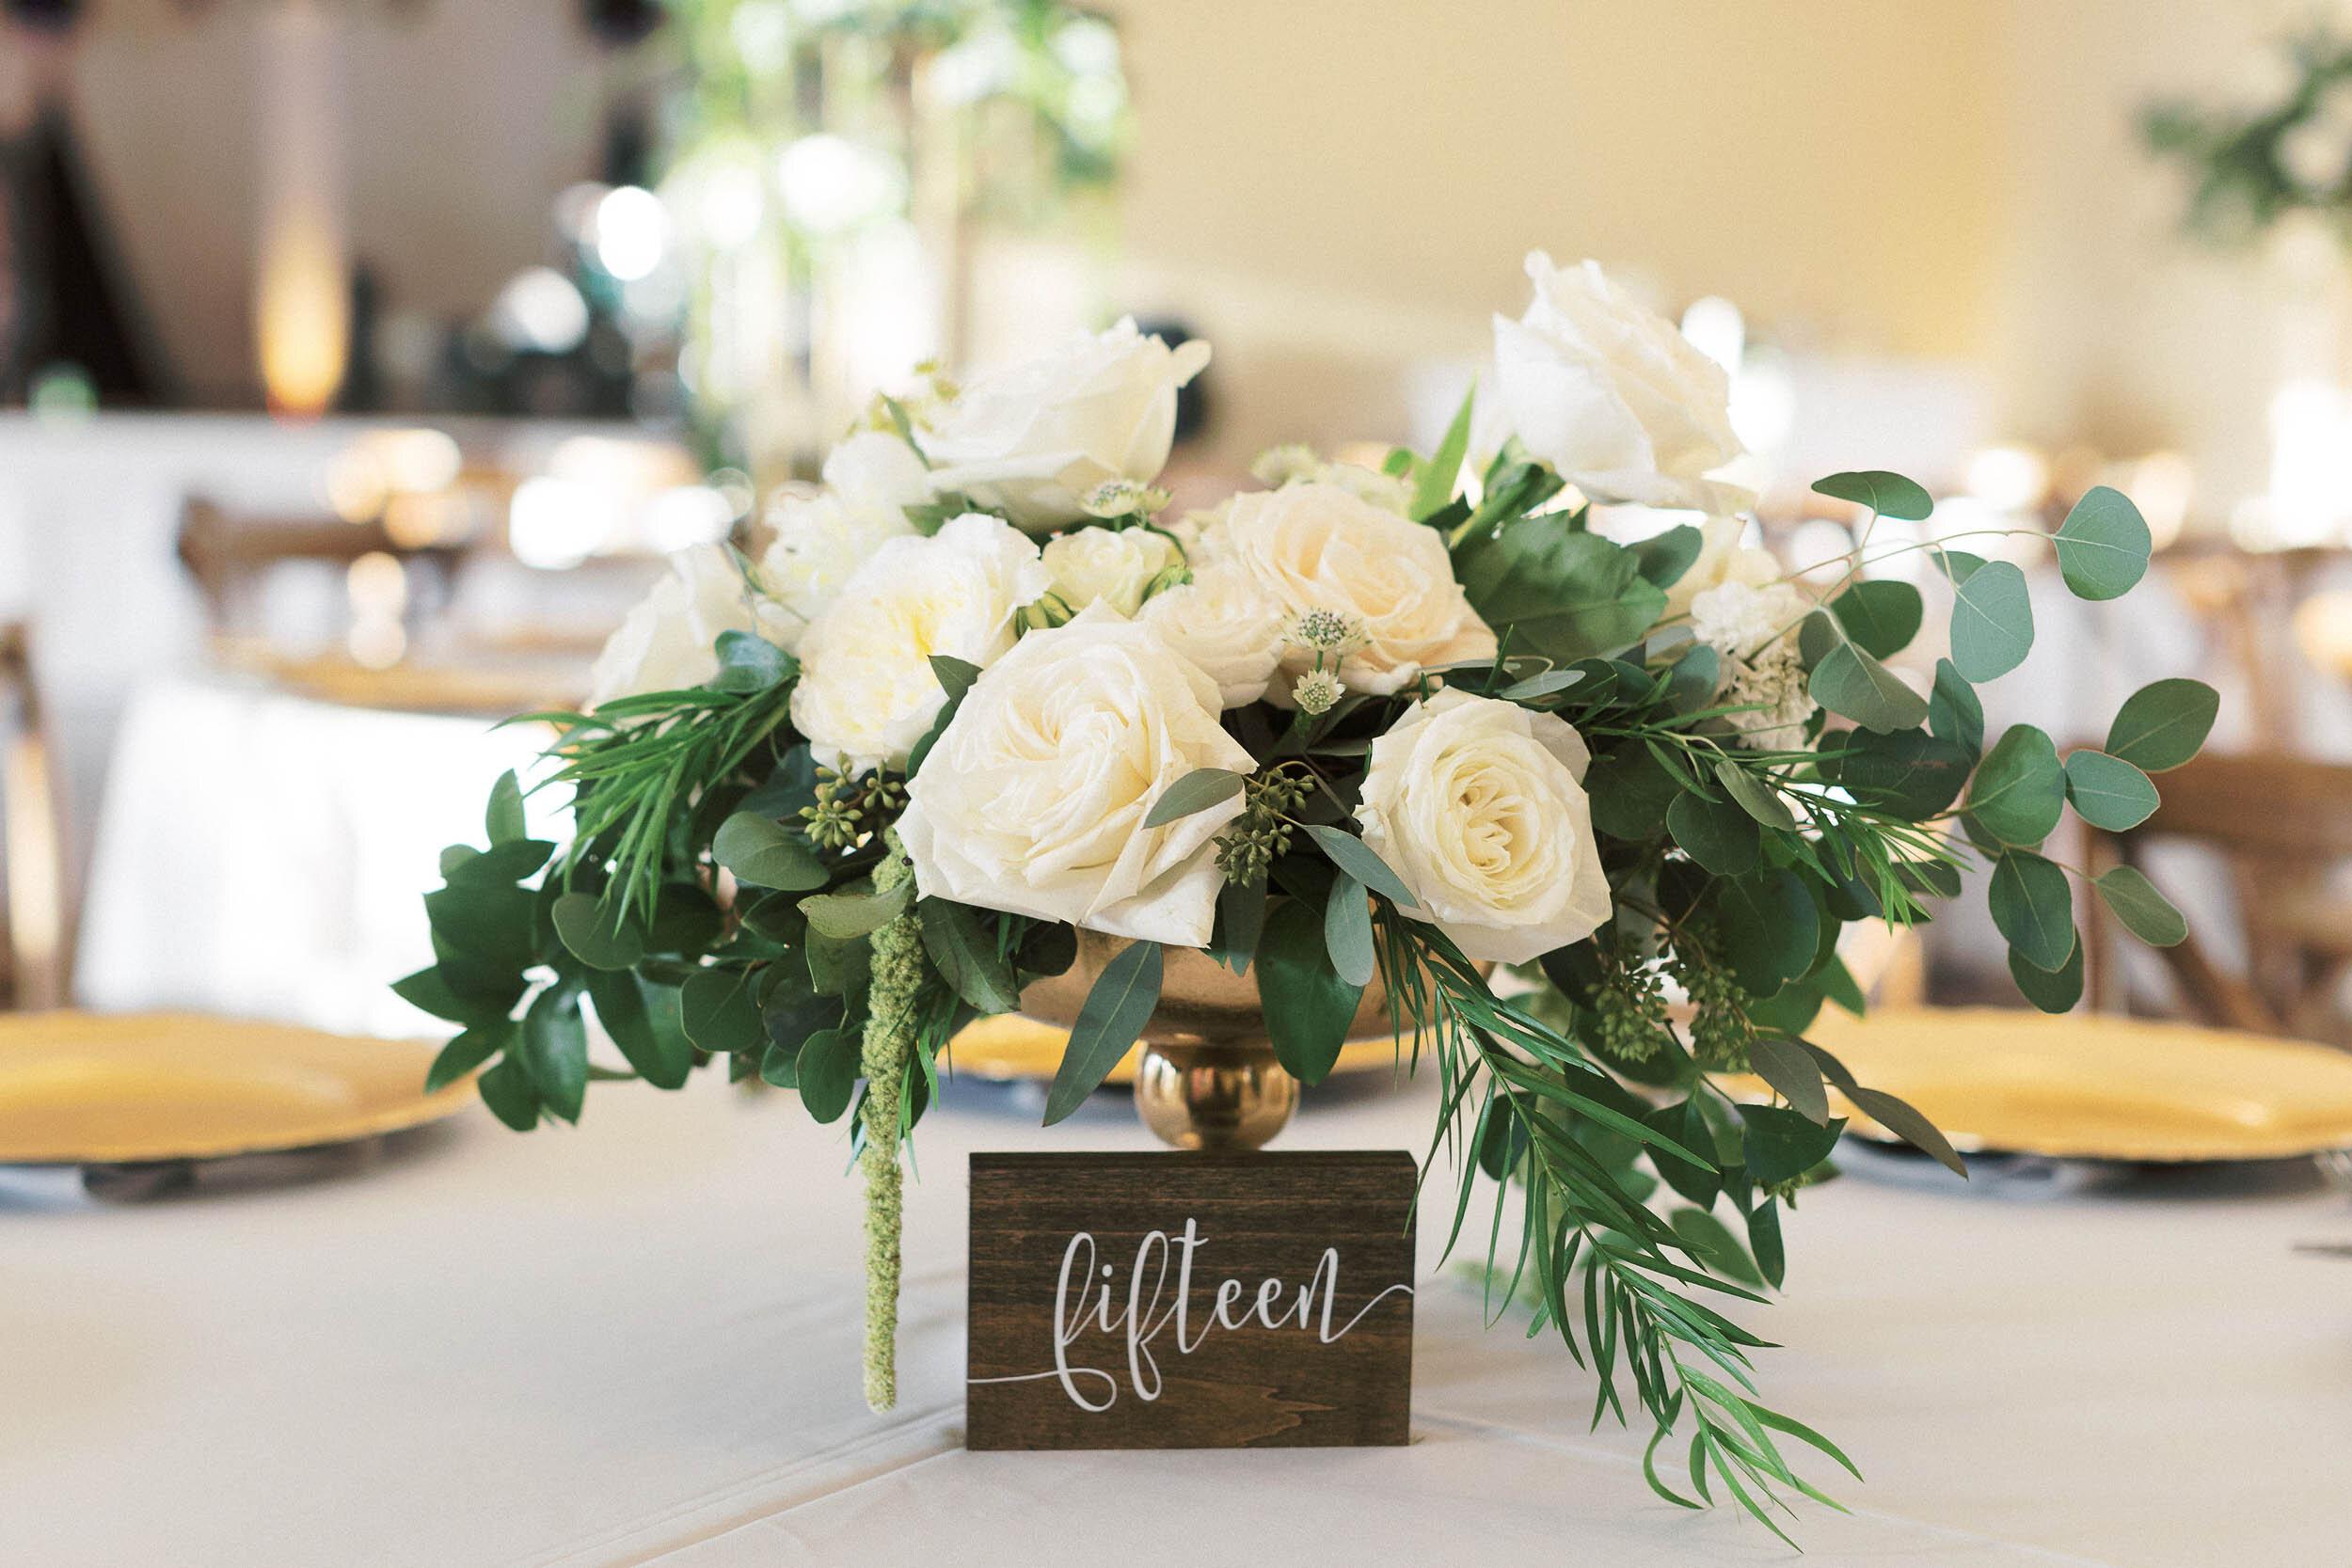 Timeless Wedding Centerpiece